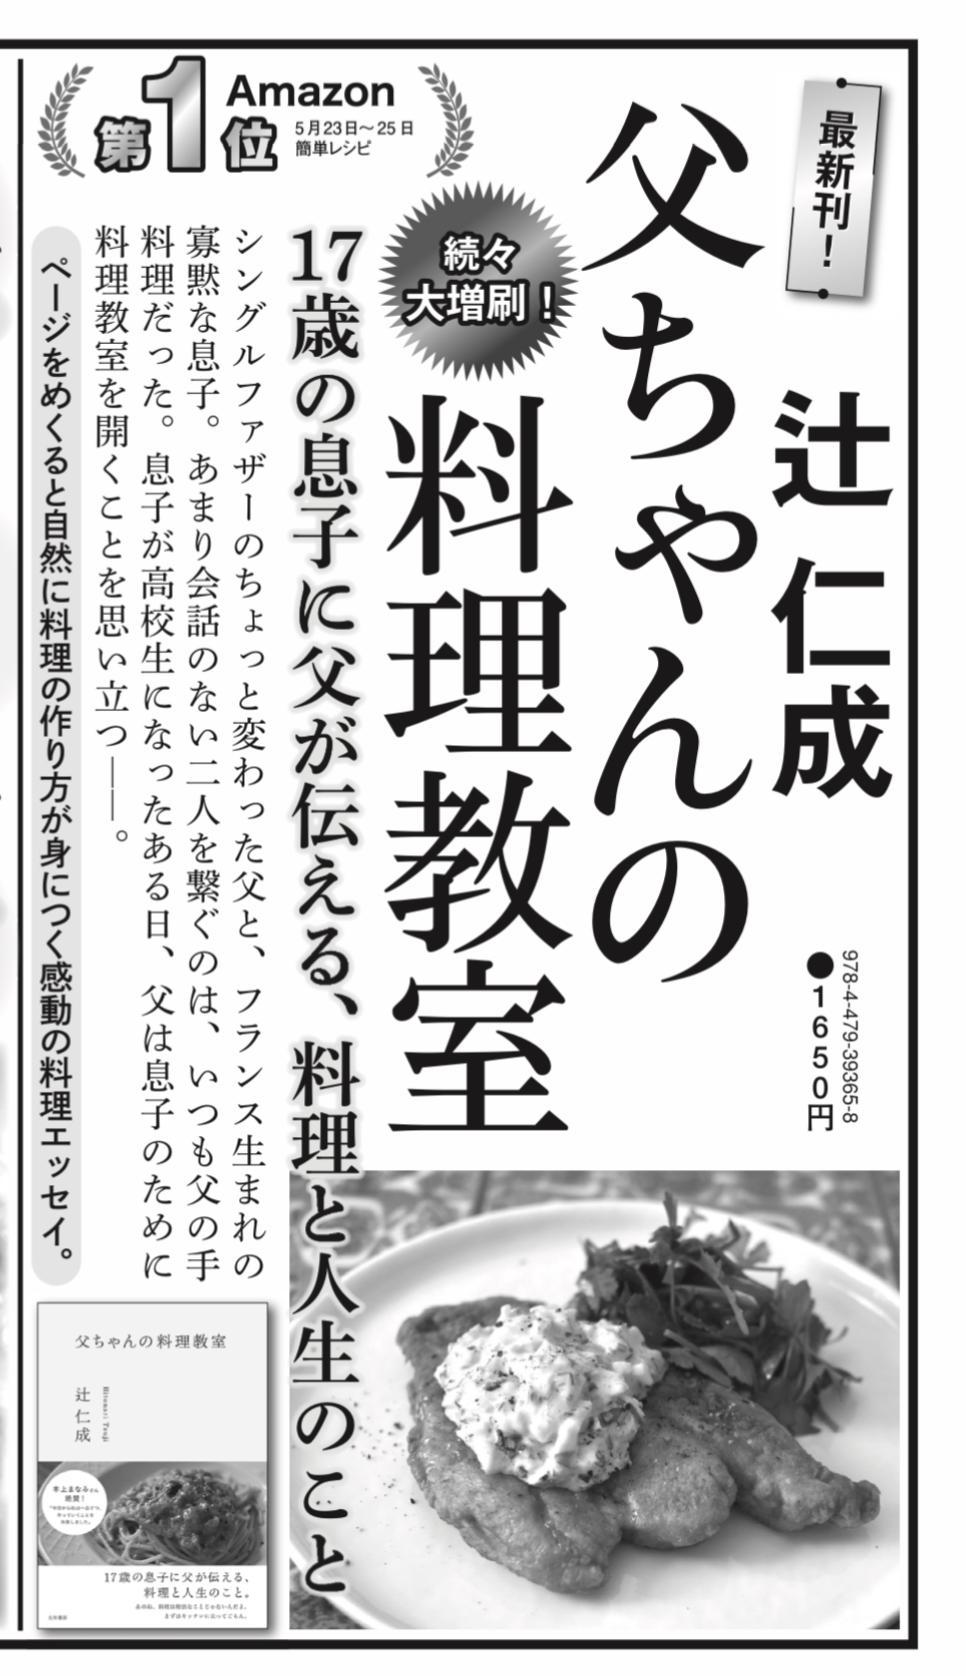 新刊「父ちゃんの料理教室」が好調で、複雑な父ちゃんからの報告。